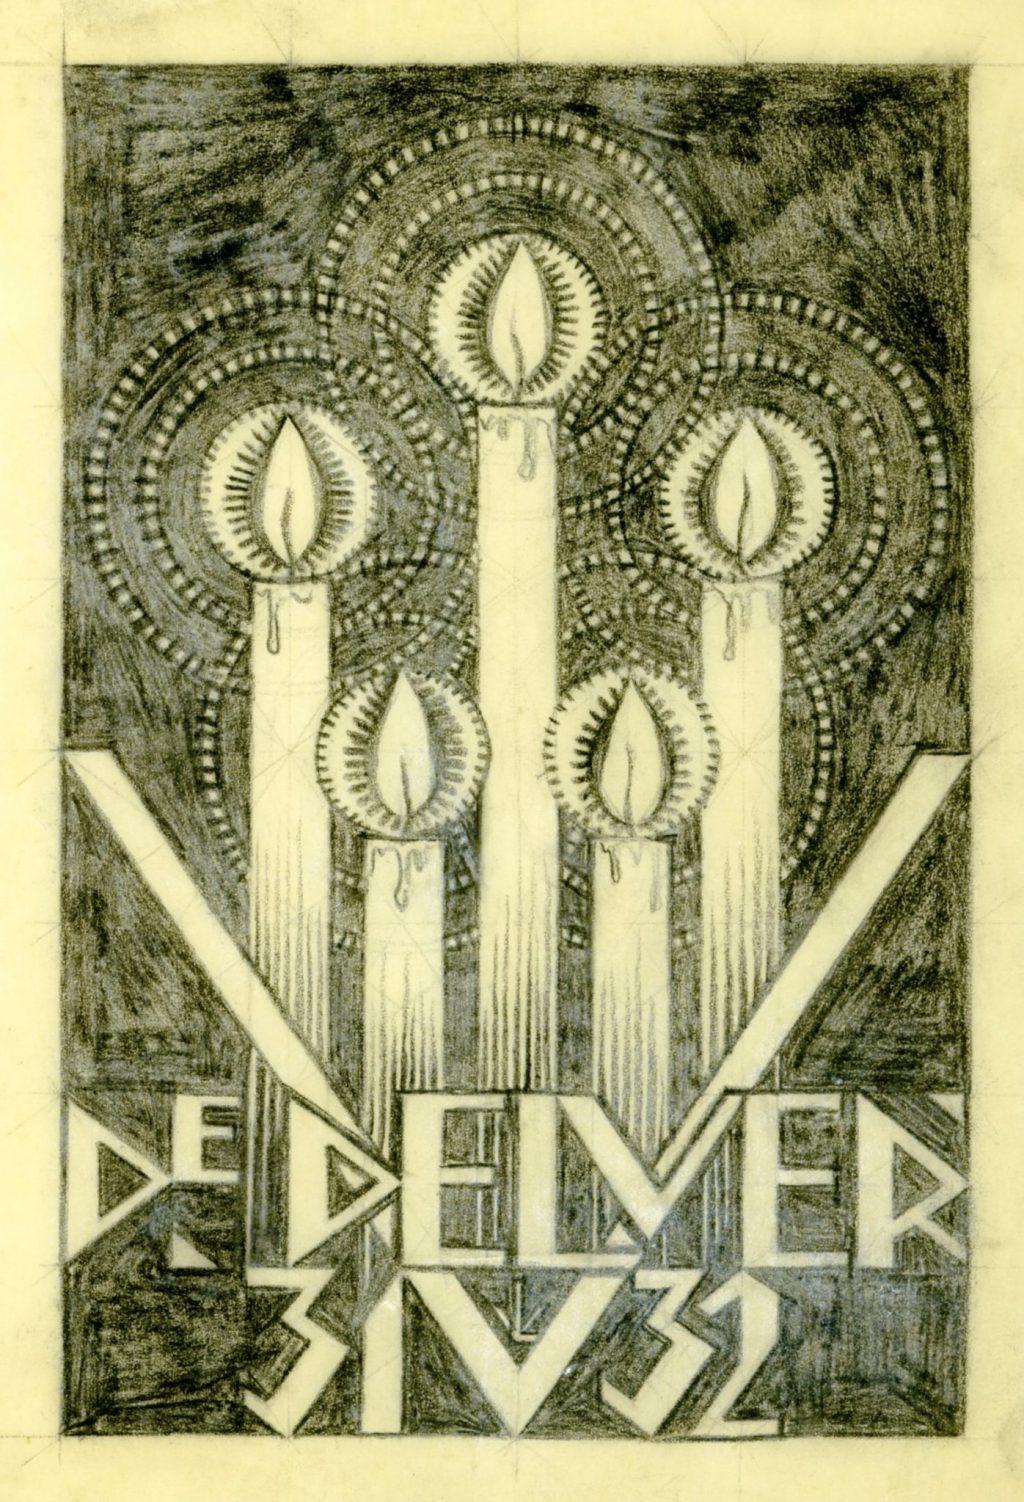 Rijk van Lavieren, Ontwerp voor tijdschrift De Delver, 1931-1932 (TMS 139225)